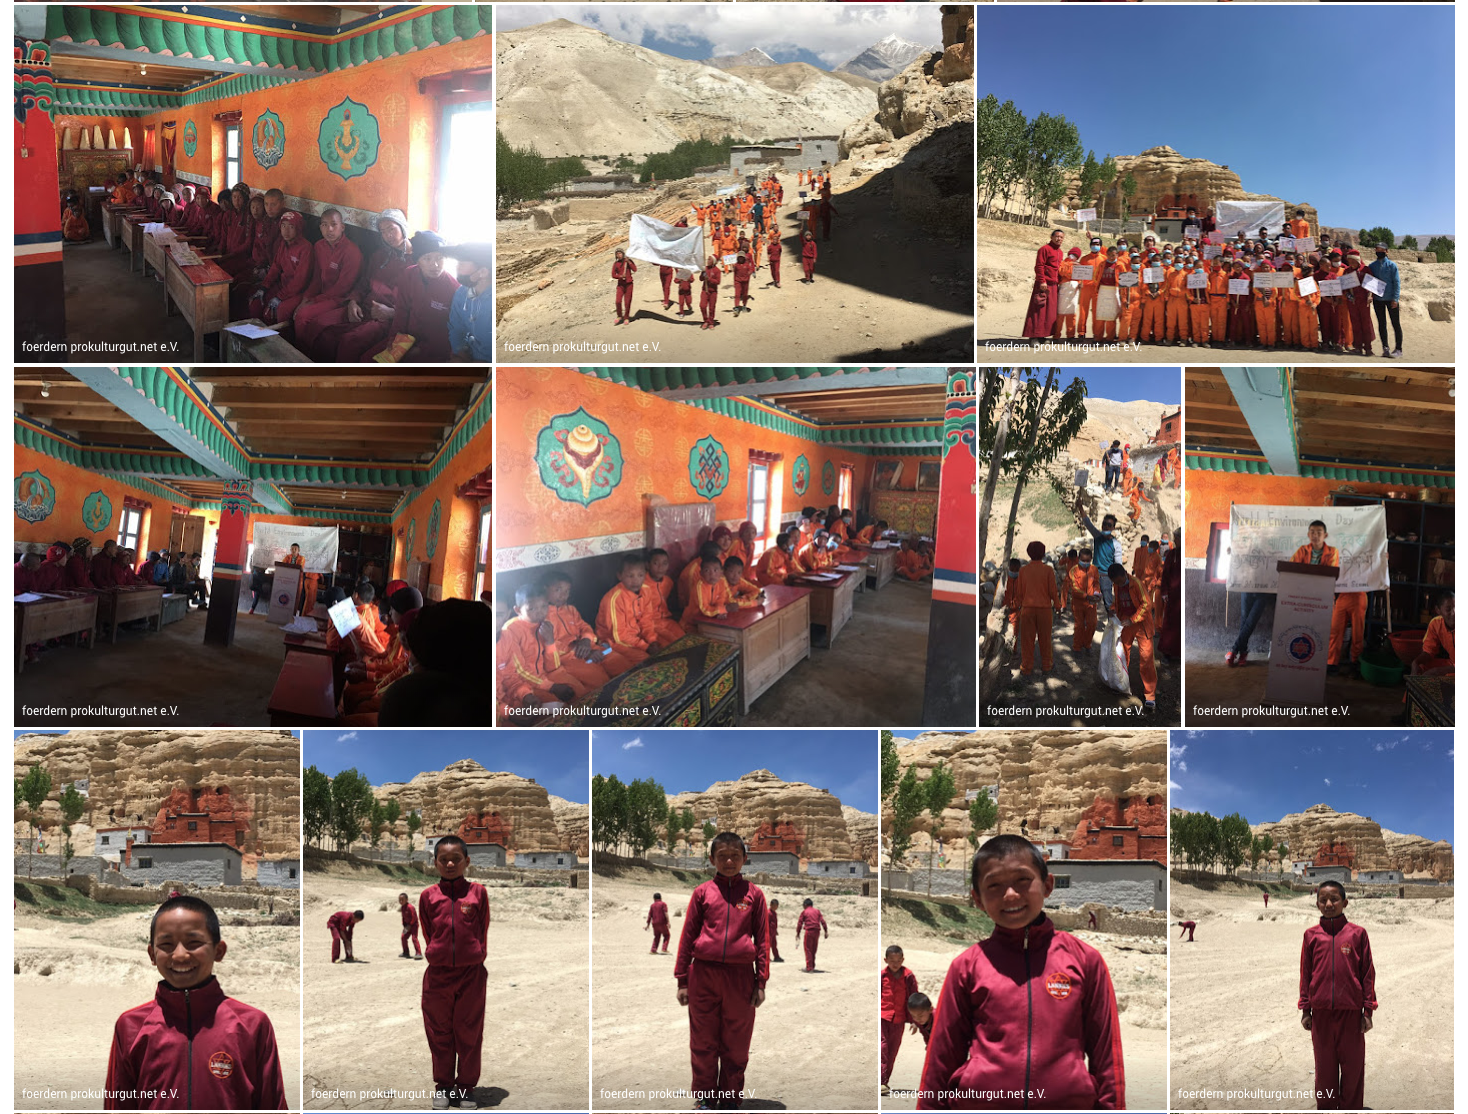 Impressionen aus dem Leben unserer Patenkinder in Nepal - LNNNF Foundation